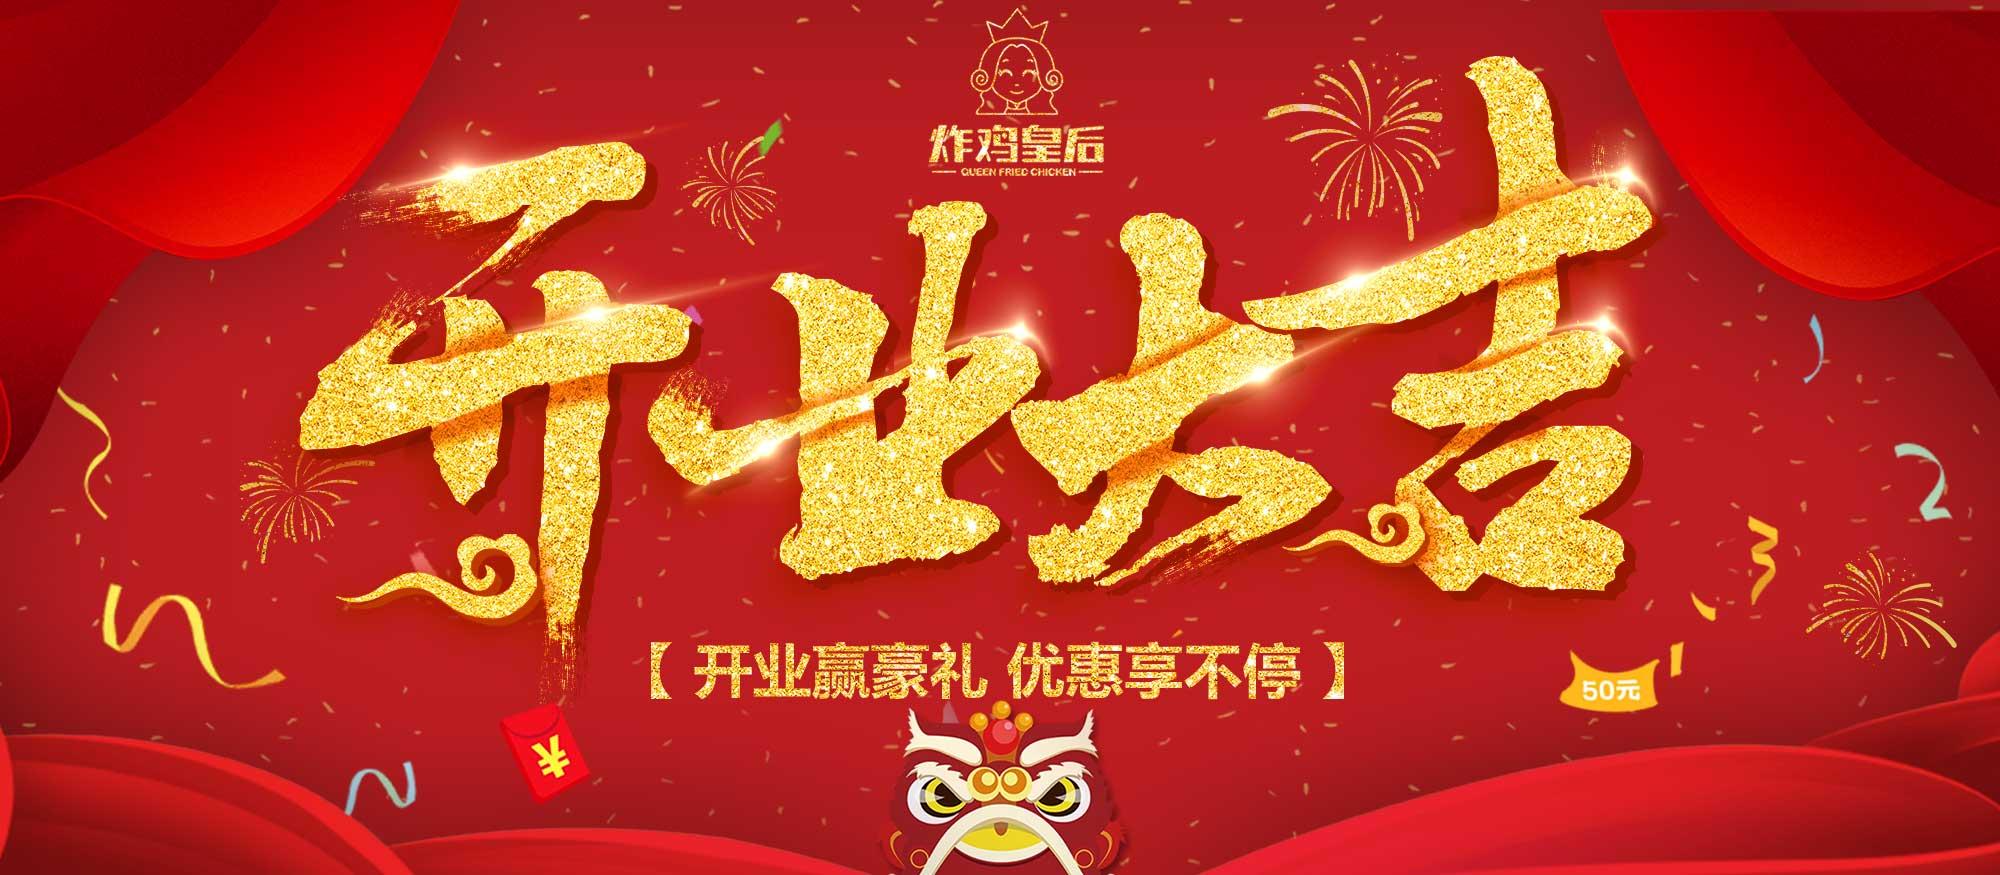 加盟分享:恭喜安阳王先生成功签订炸鸡皇后创业店